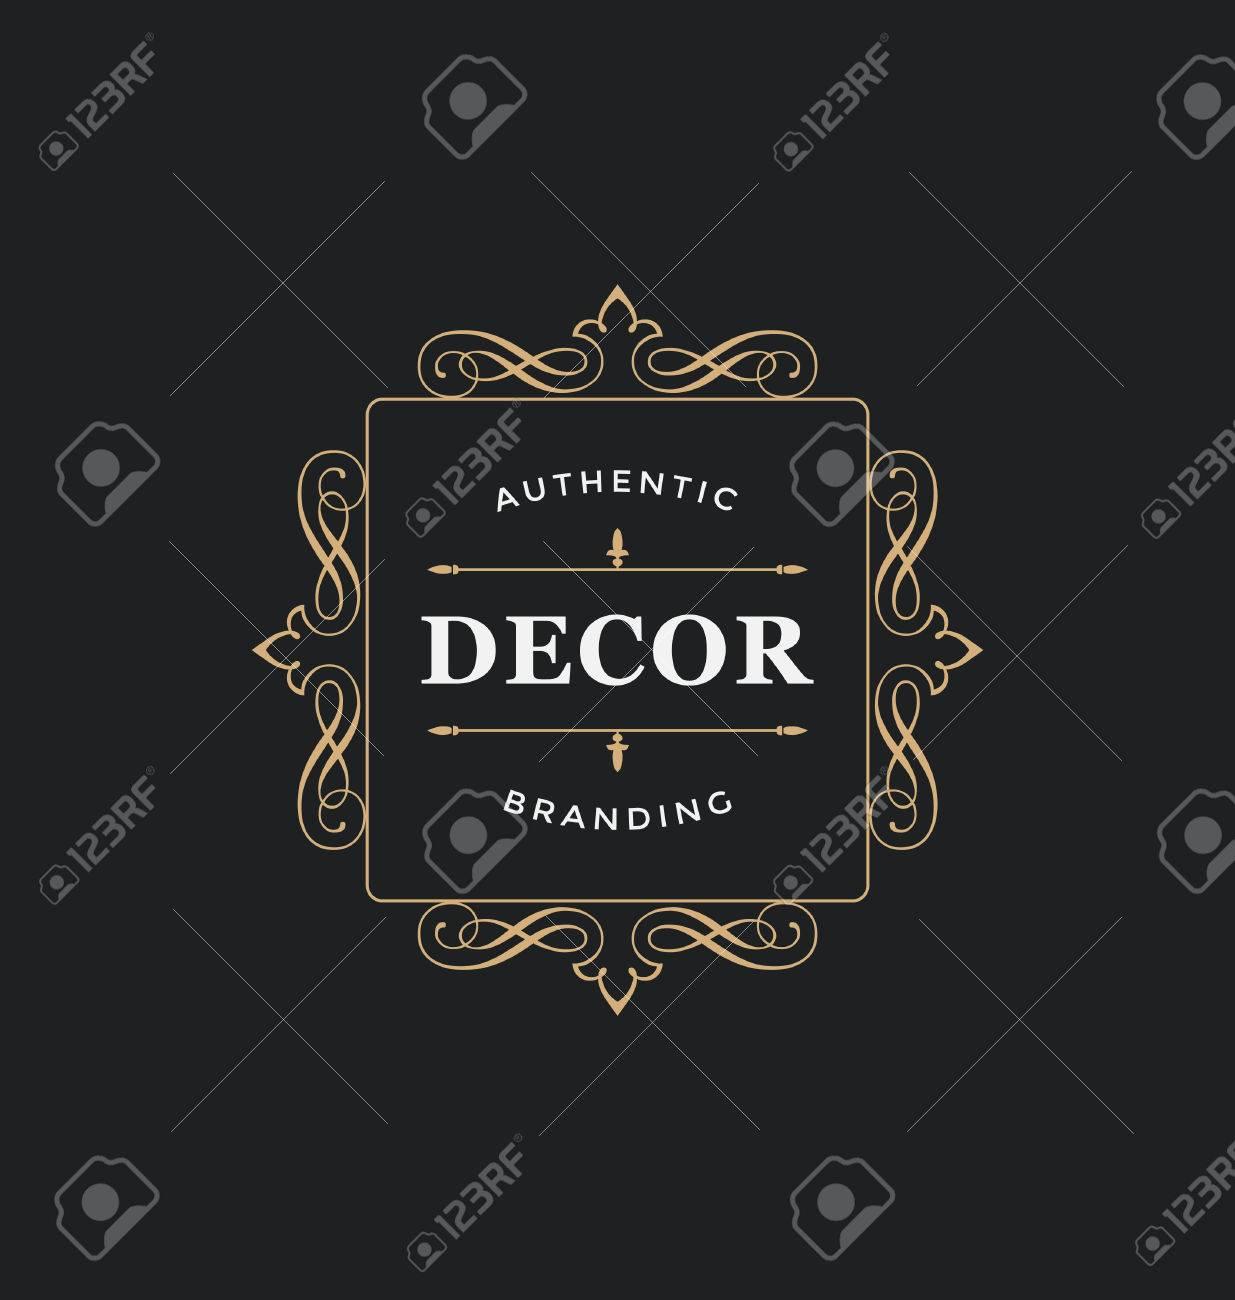 93d8b6a41066 Calligraphique De Conception D étiquettes Modèle - Classique Style  Ornemental. Cadre De Luxe élégant Avec La Typographie - Logo Idéal Pour  Restaurant, ...